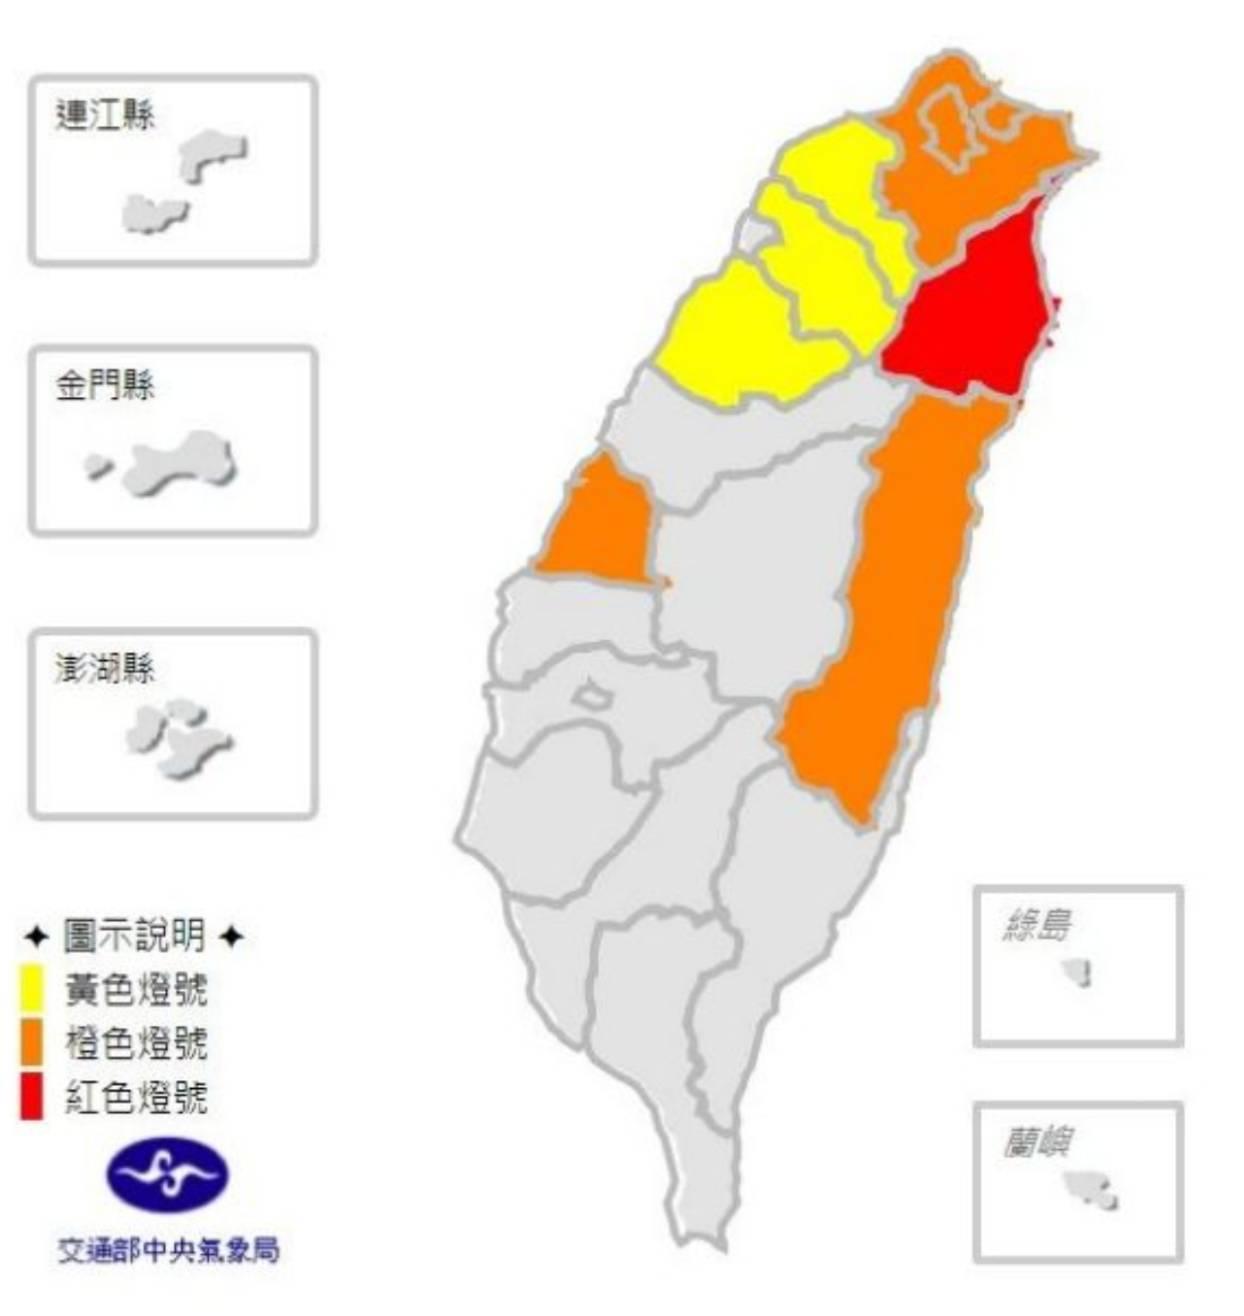 宜蘭連續飆創全國最高溫,被標上紅燈警示。民眾擔心宜蘭「高溫」預報恐成為常態,會影...